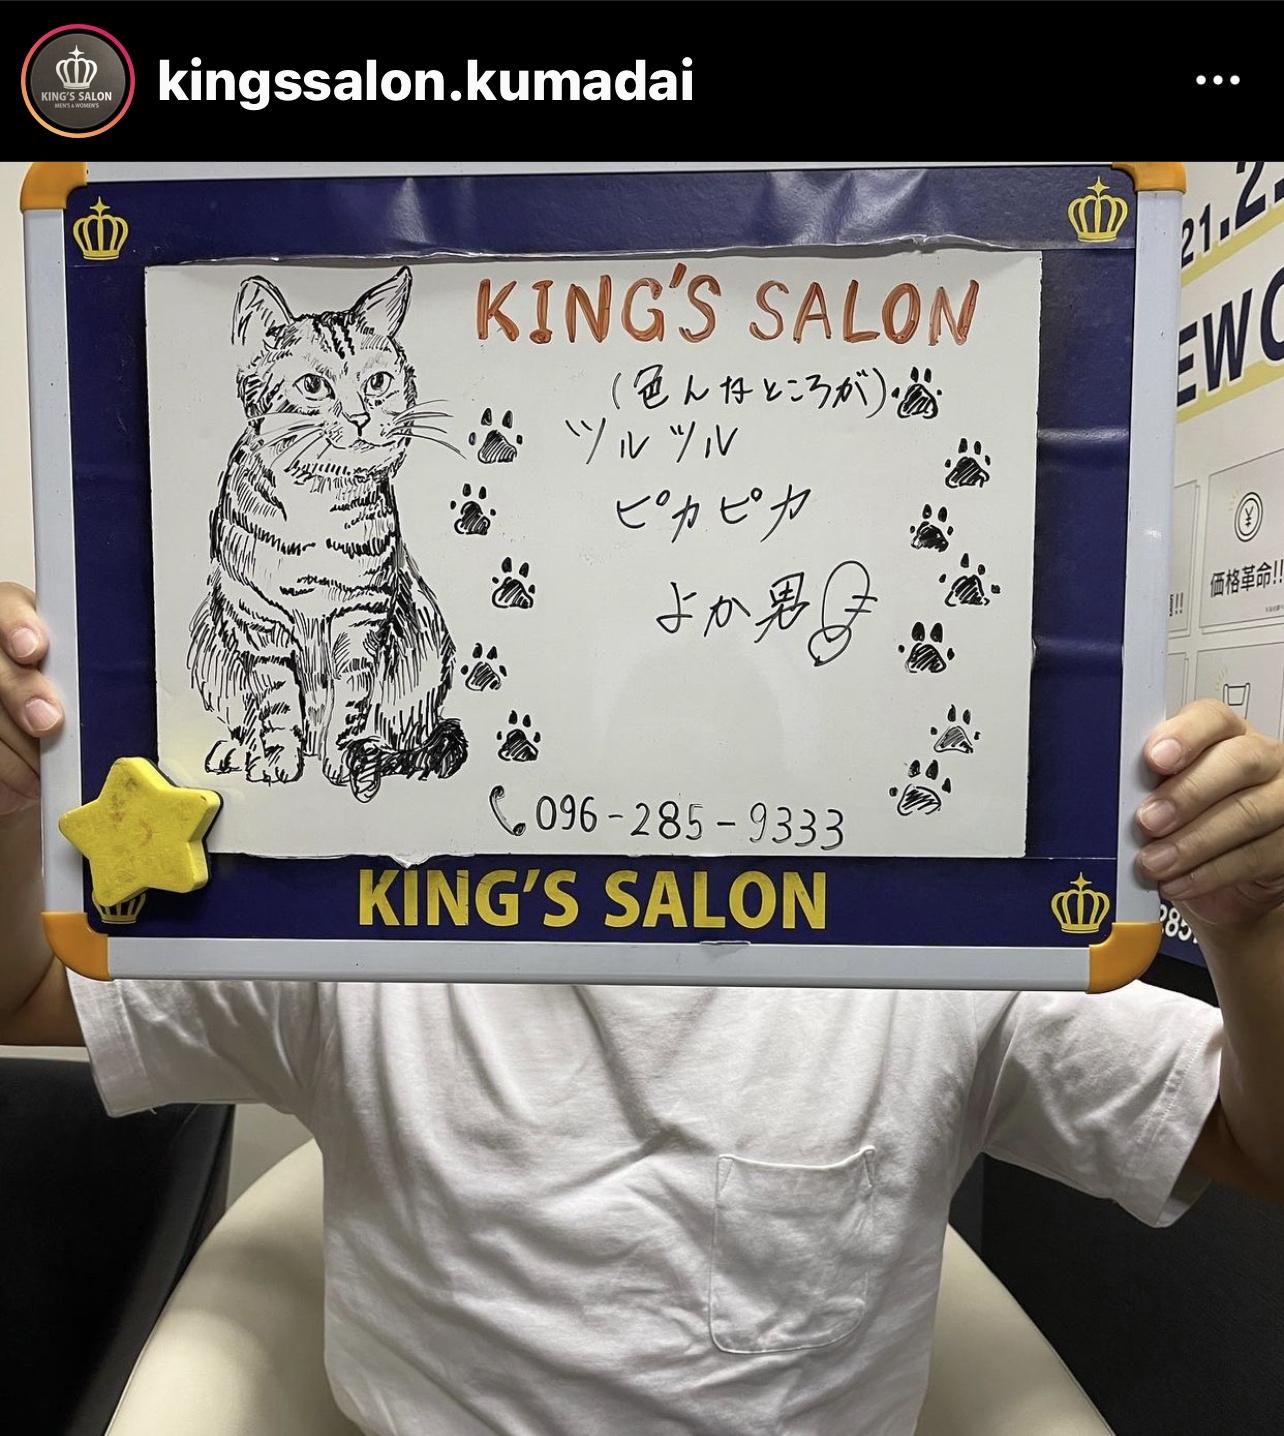 お客様の声 キングスサロン熊本大学前店のサムネイル画像